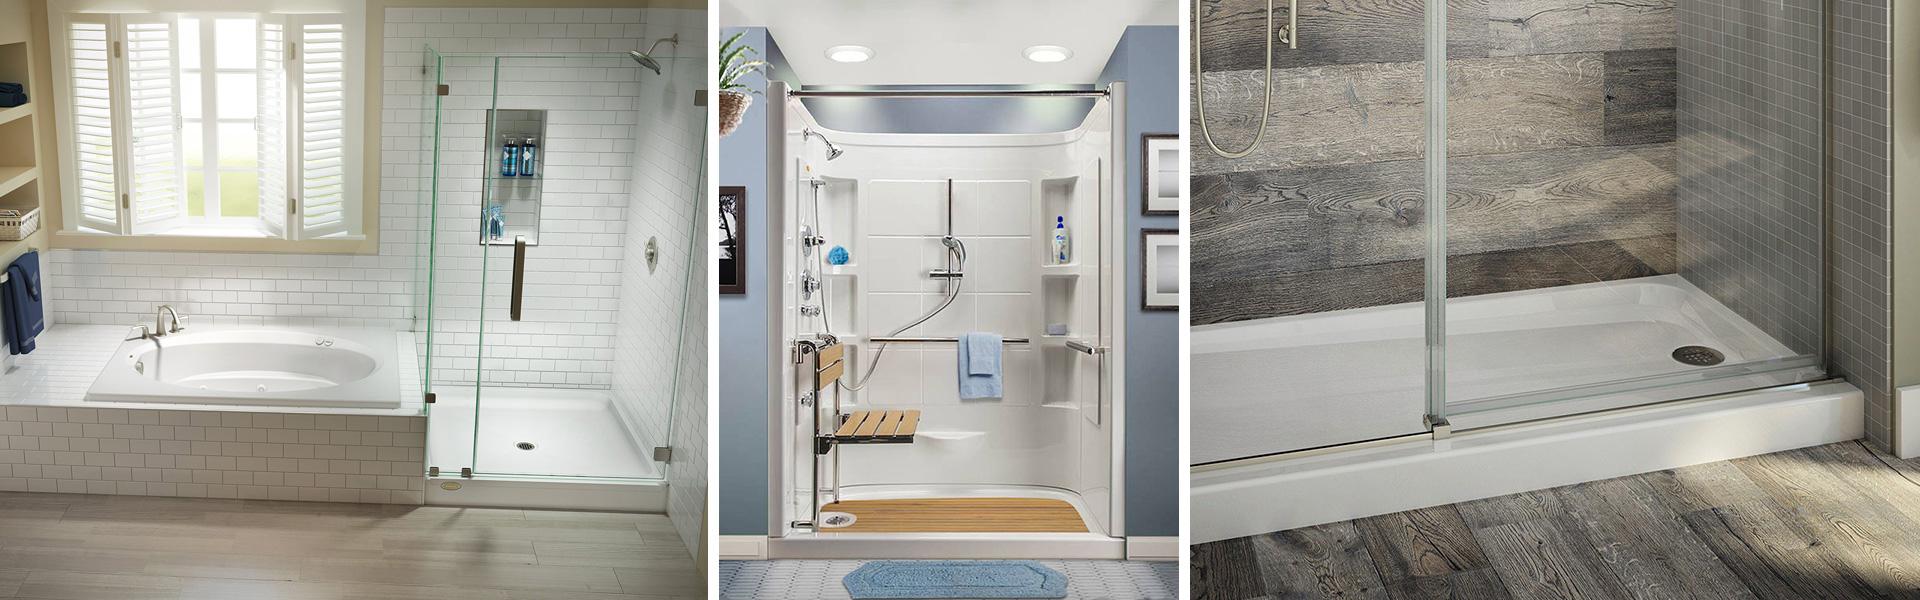 Jacuzzi Showers - Backyard & Home